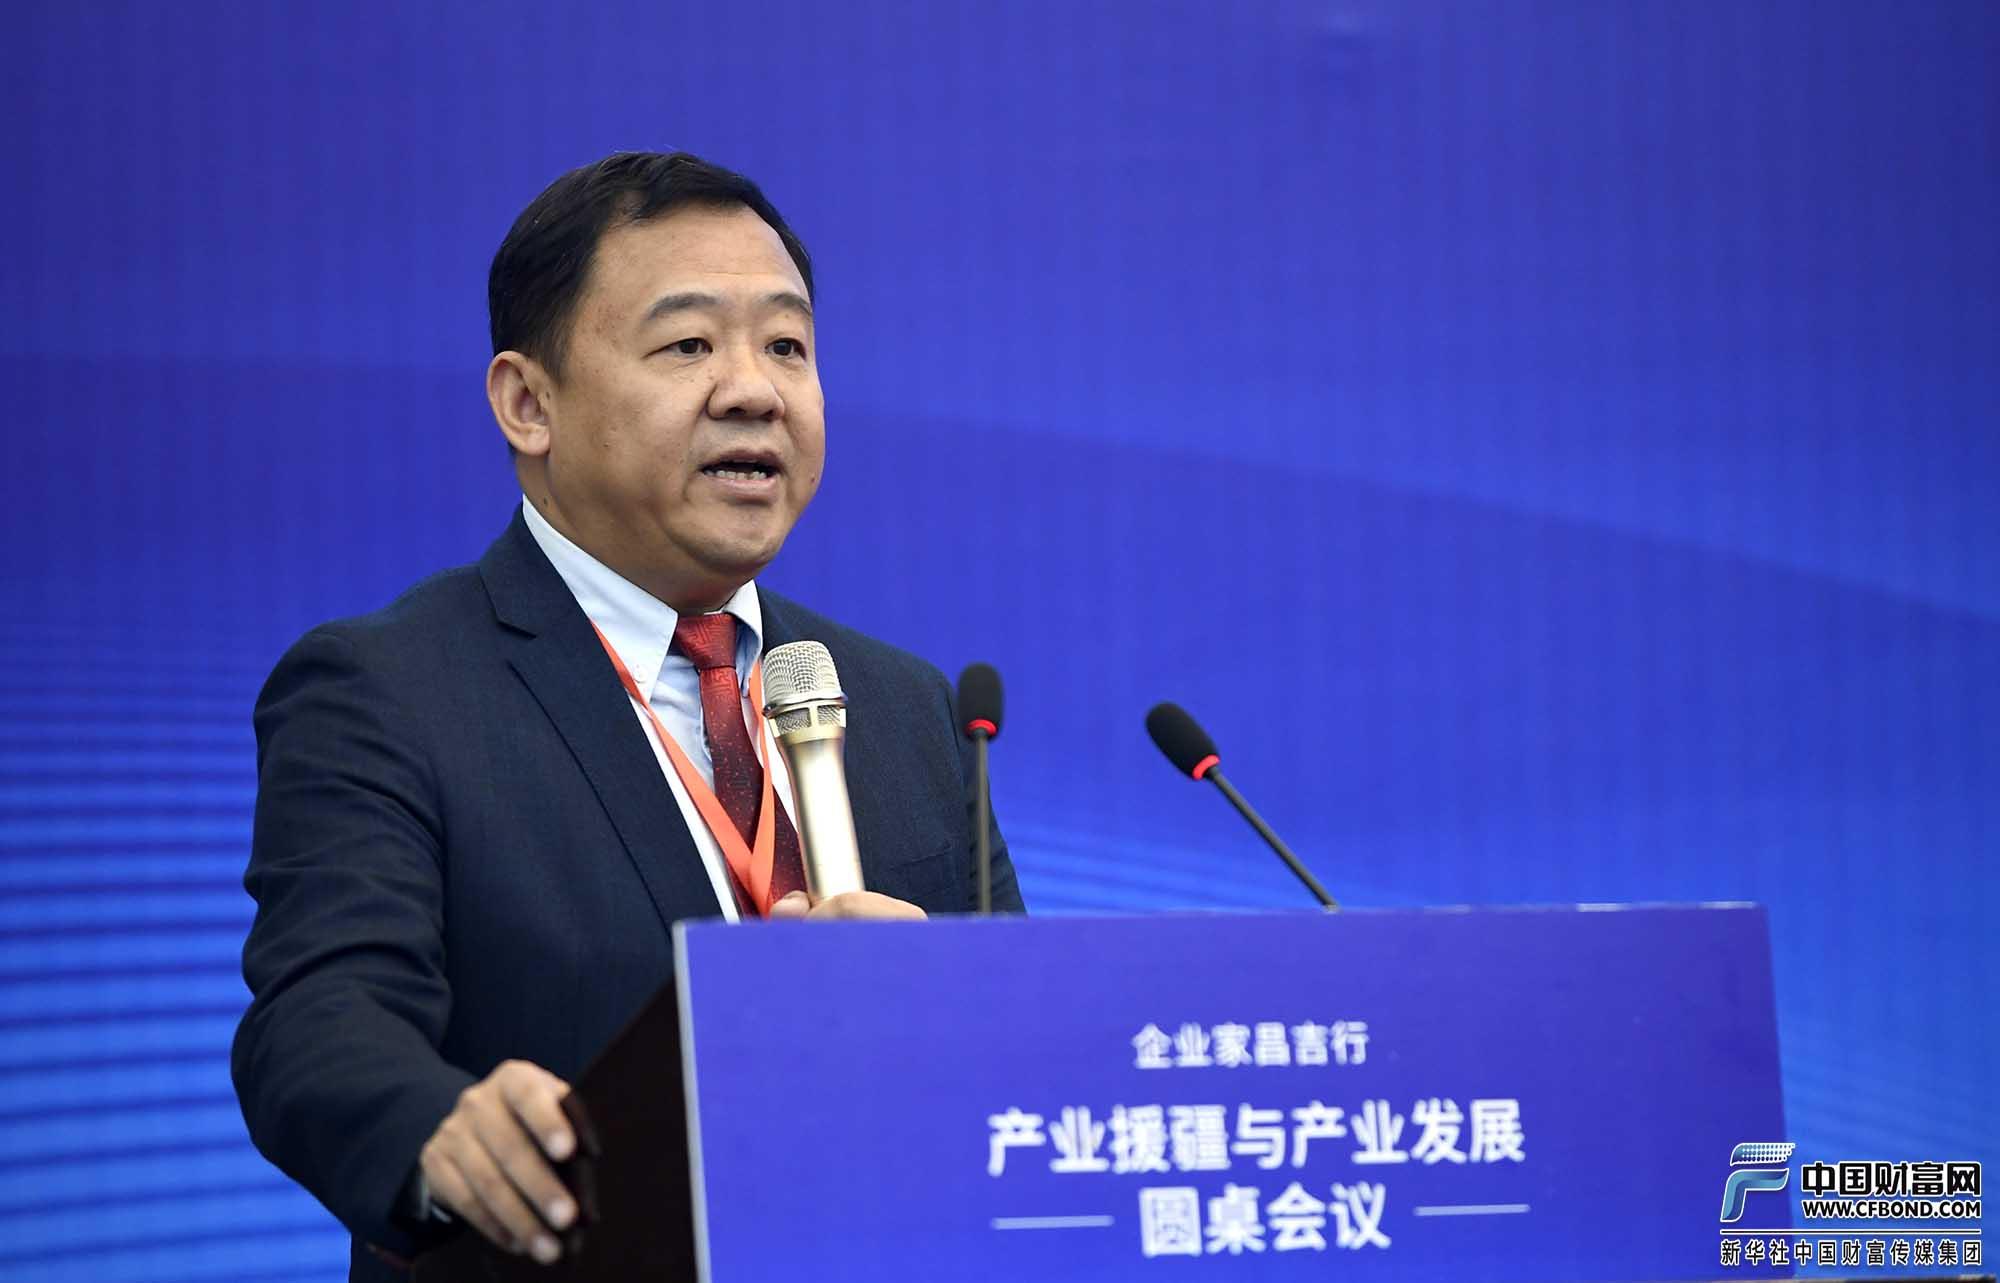 厦门市美亚柏科信息股份有限公司董事长滕达演讲